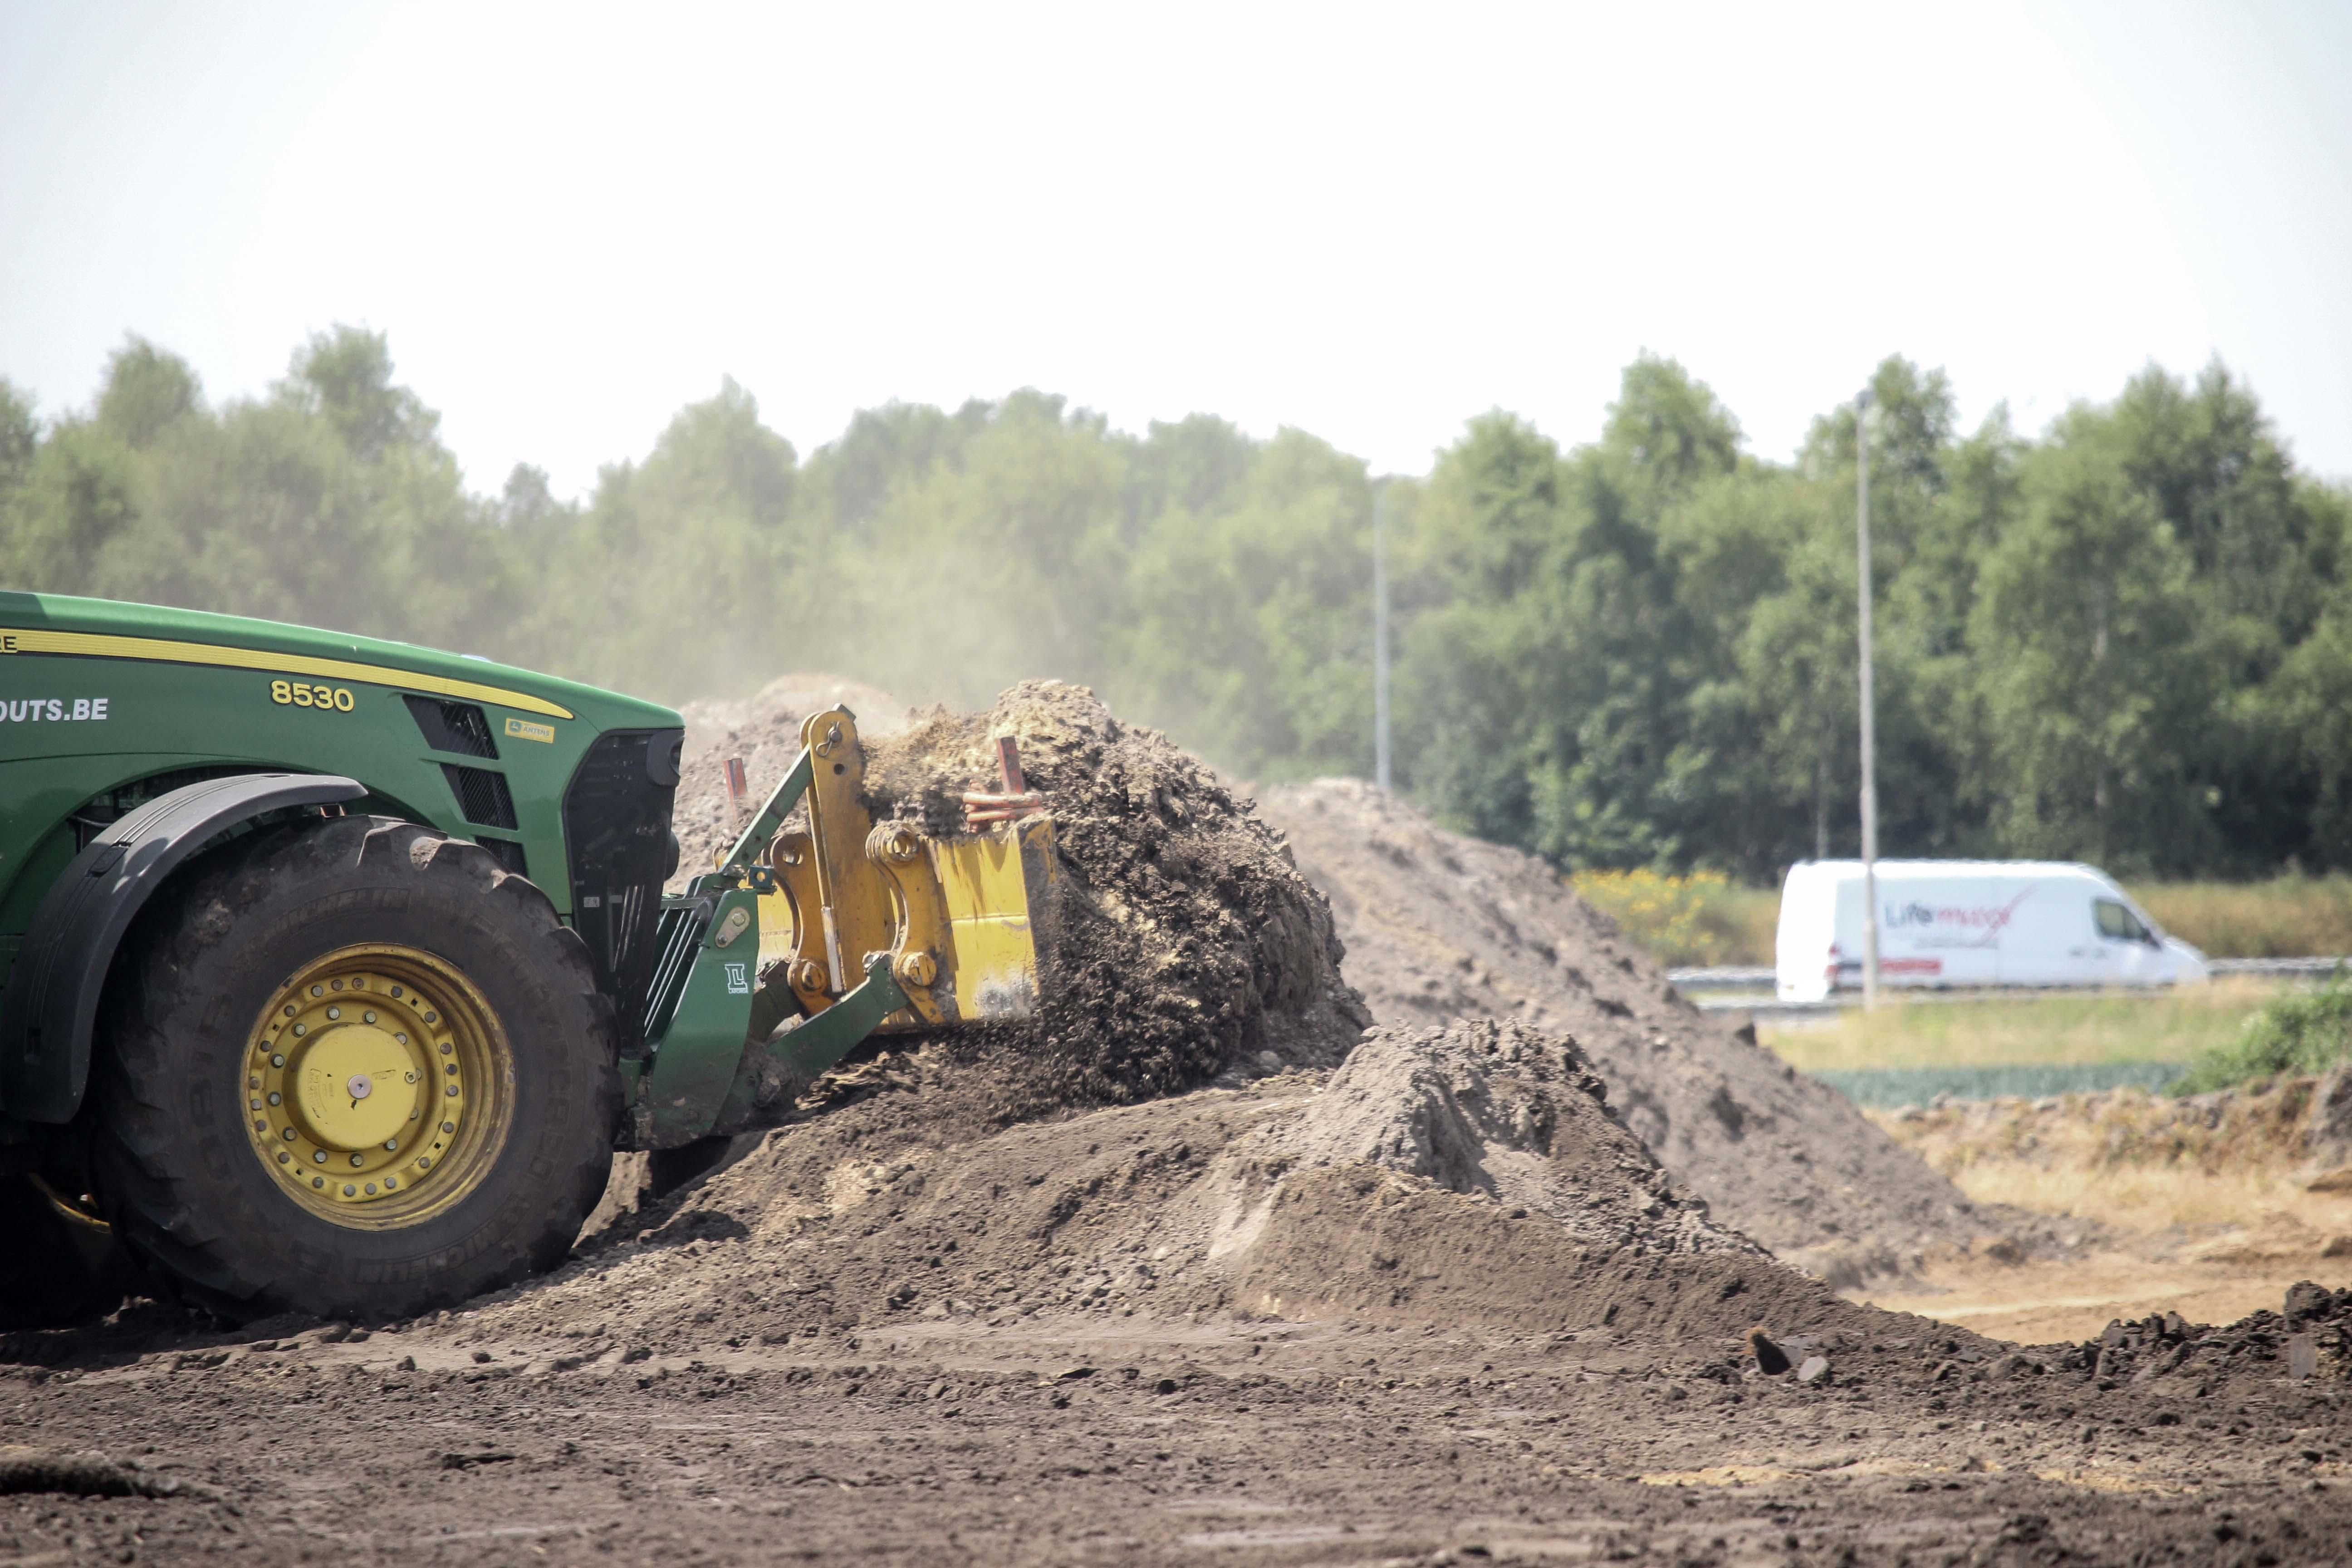 EGALISEREN, DOZEREN, KILVEREN ? AernoutsTax Belgie West Brabant